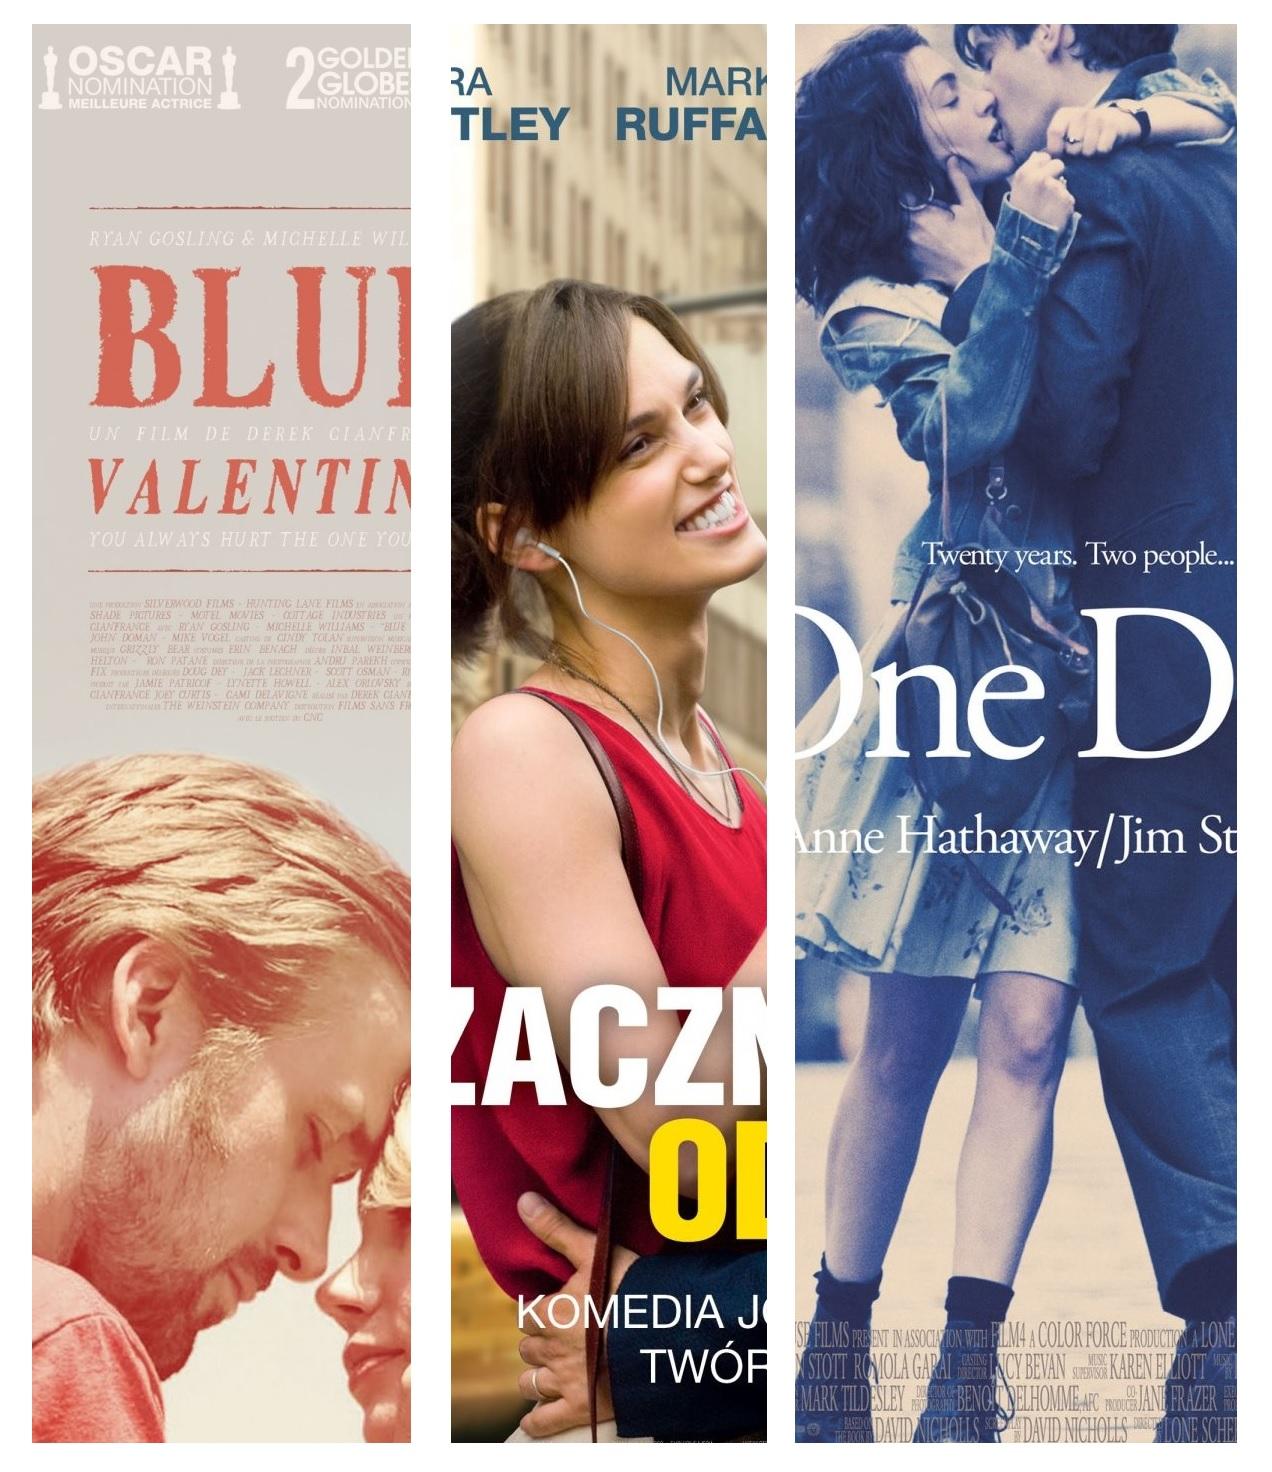 filmy | wieczor |dwoje | romantyczne